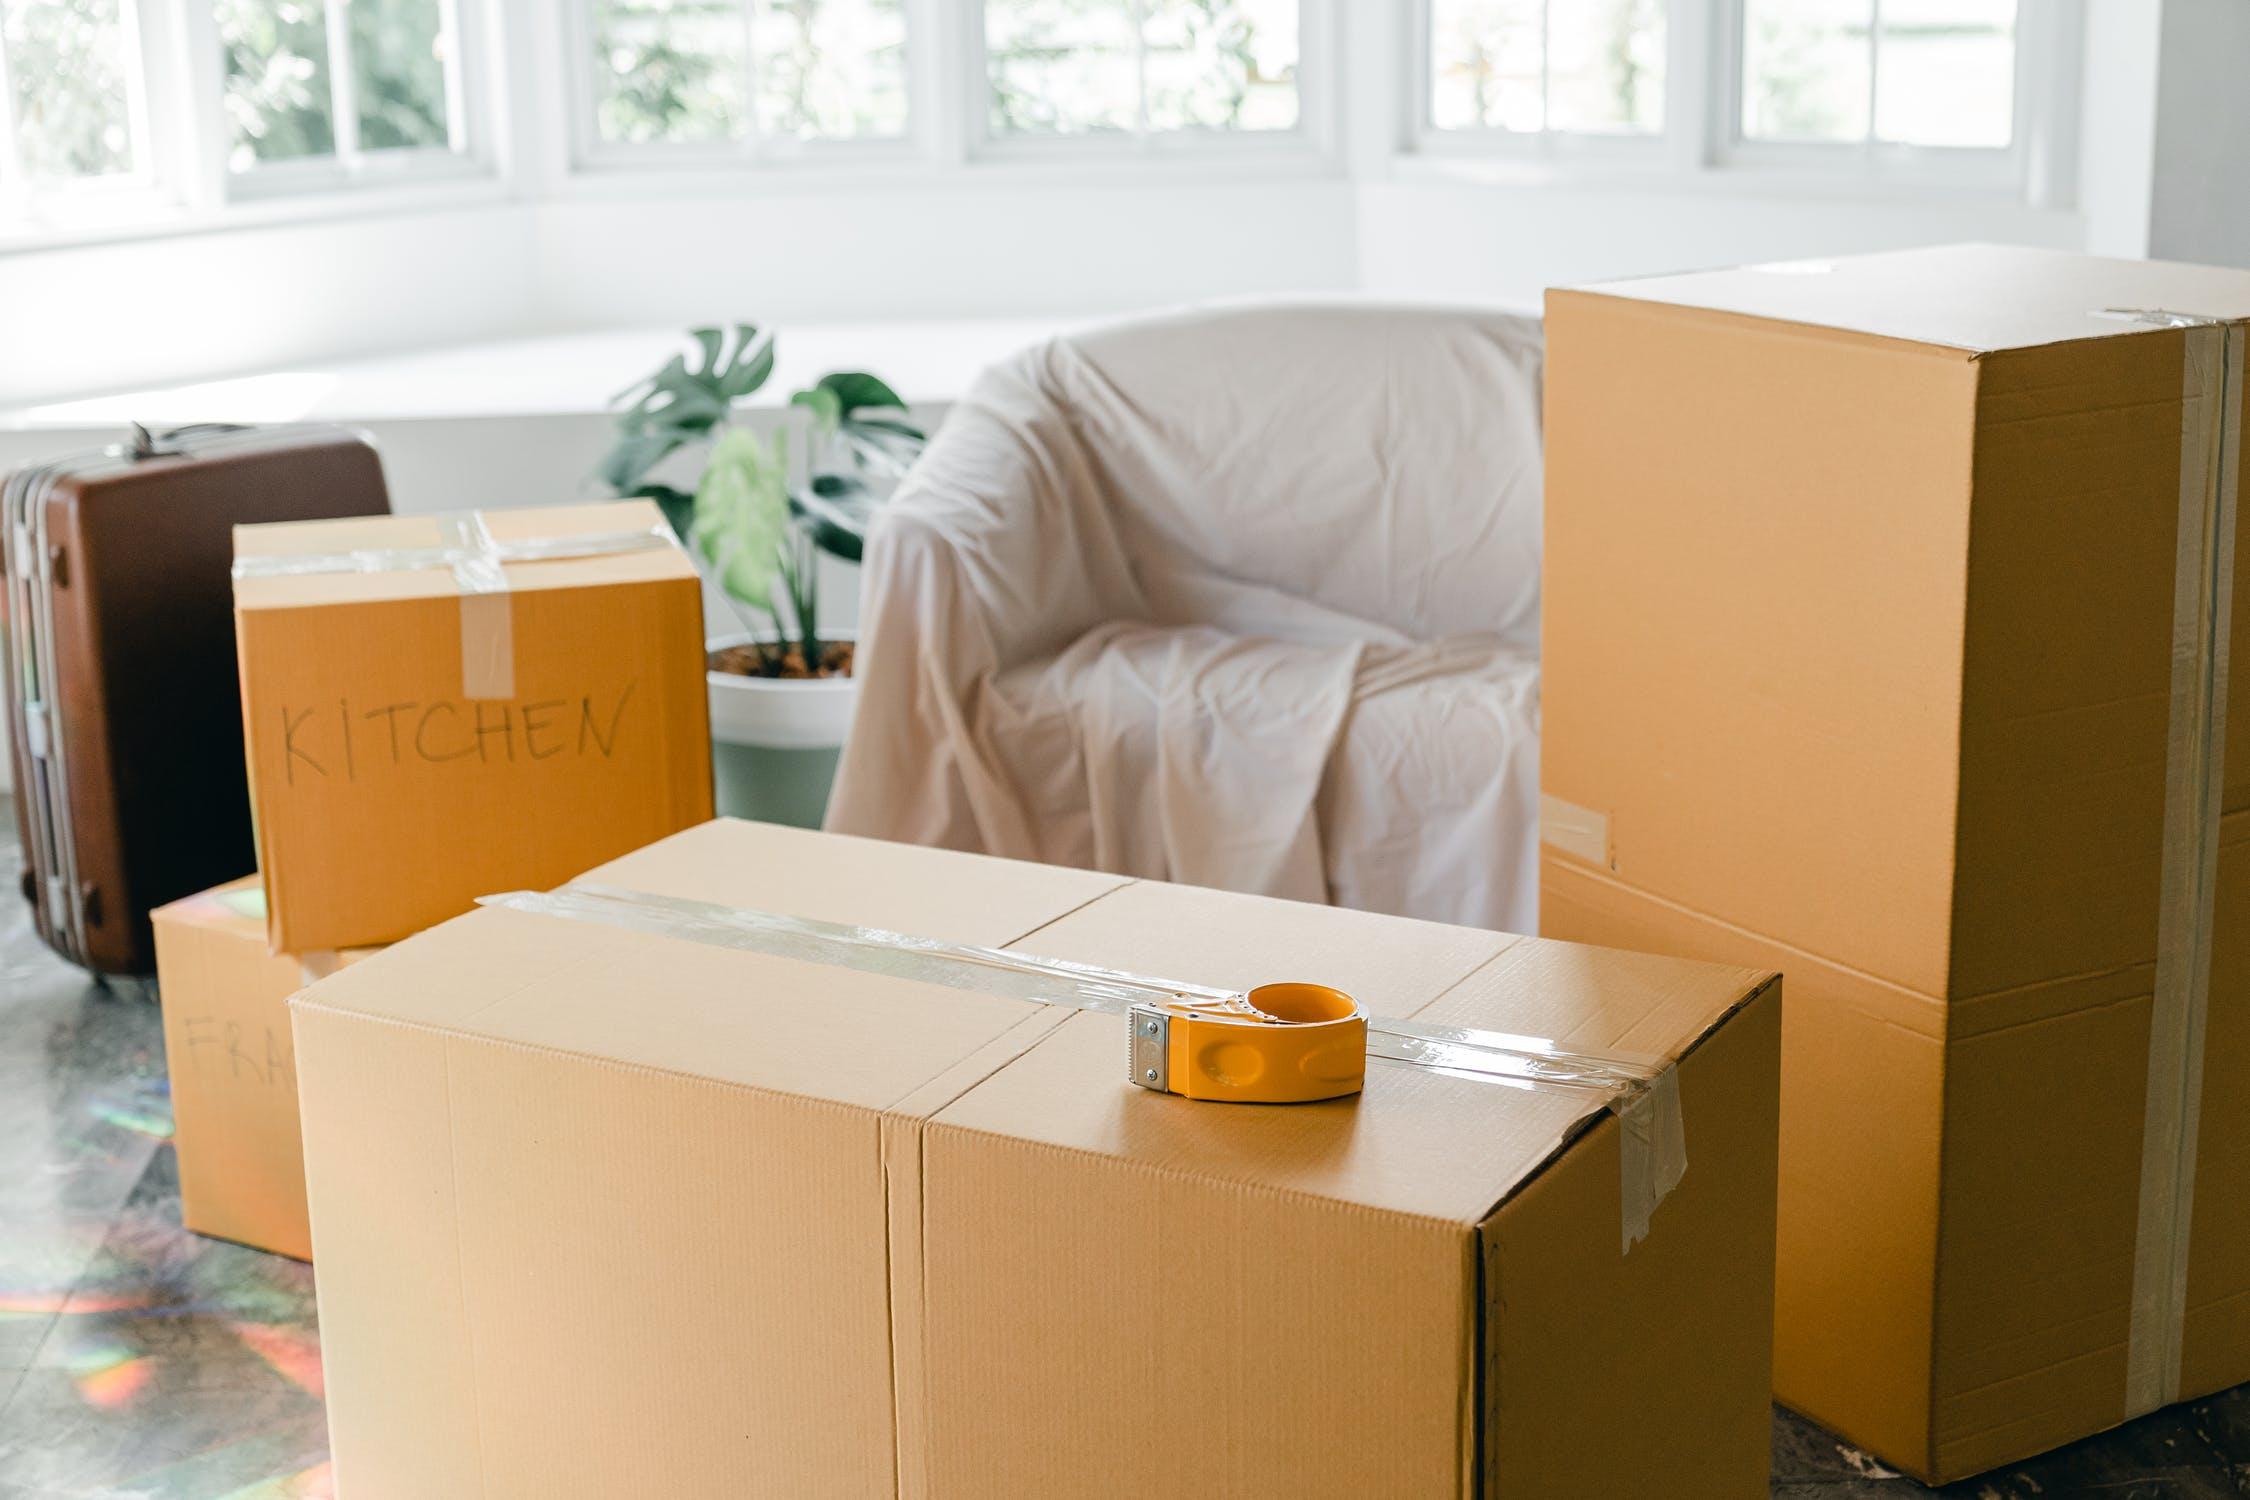 Cómo escoger cajas de mudanza para objetos frágiles